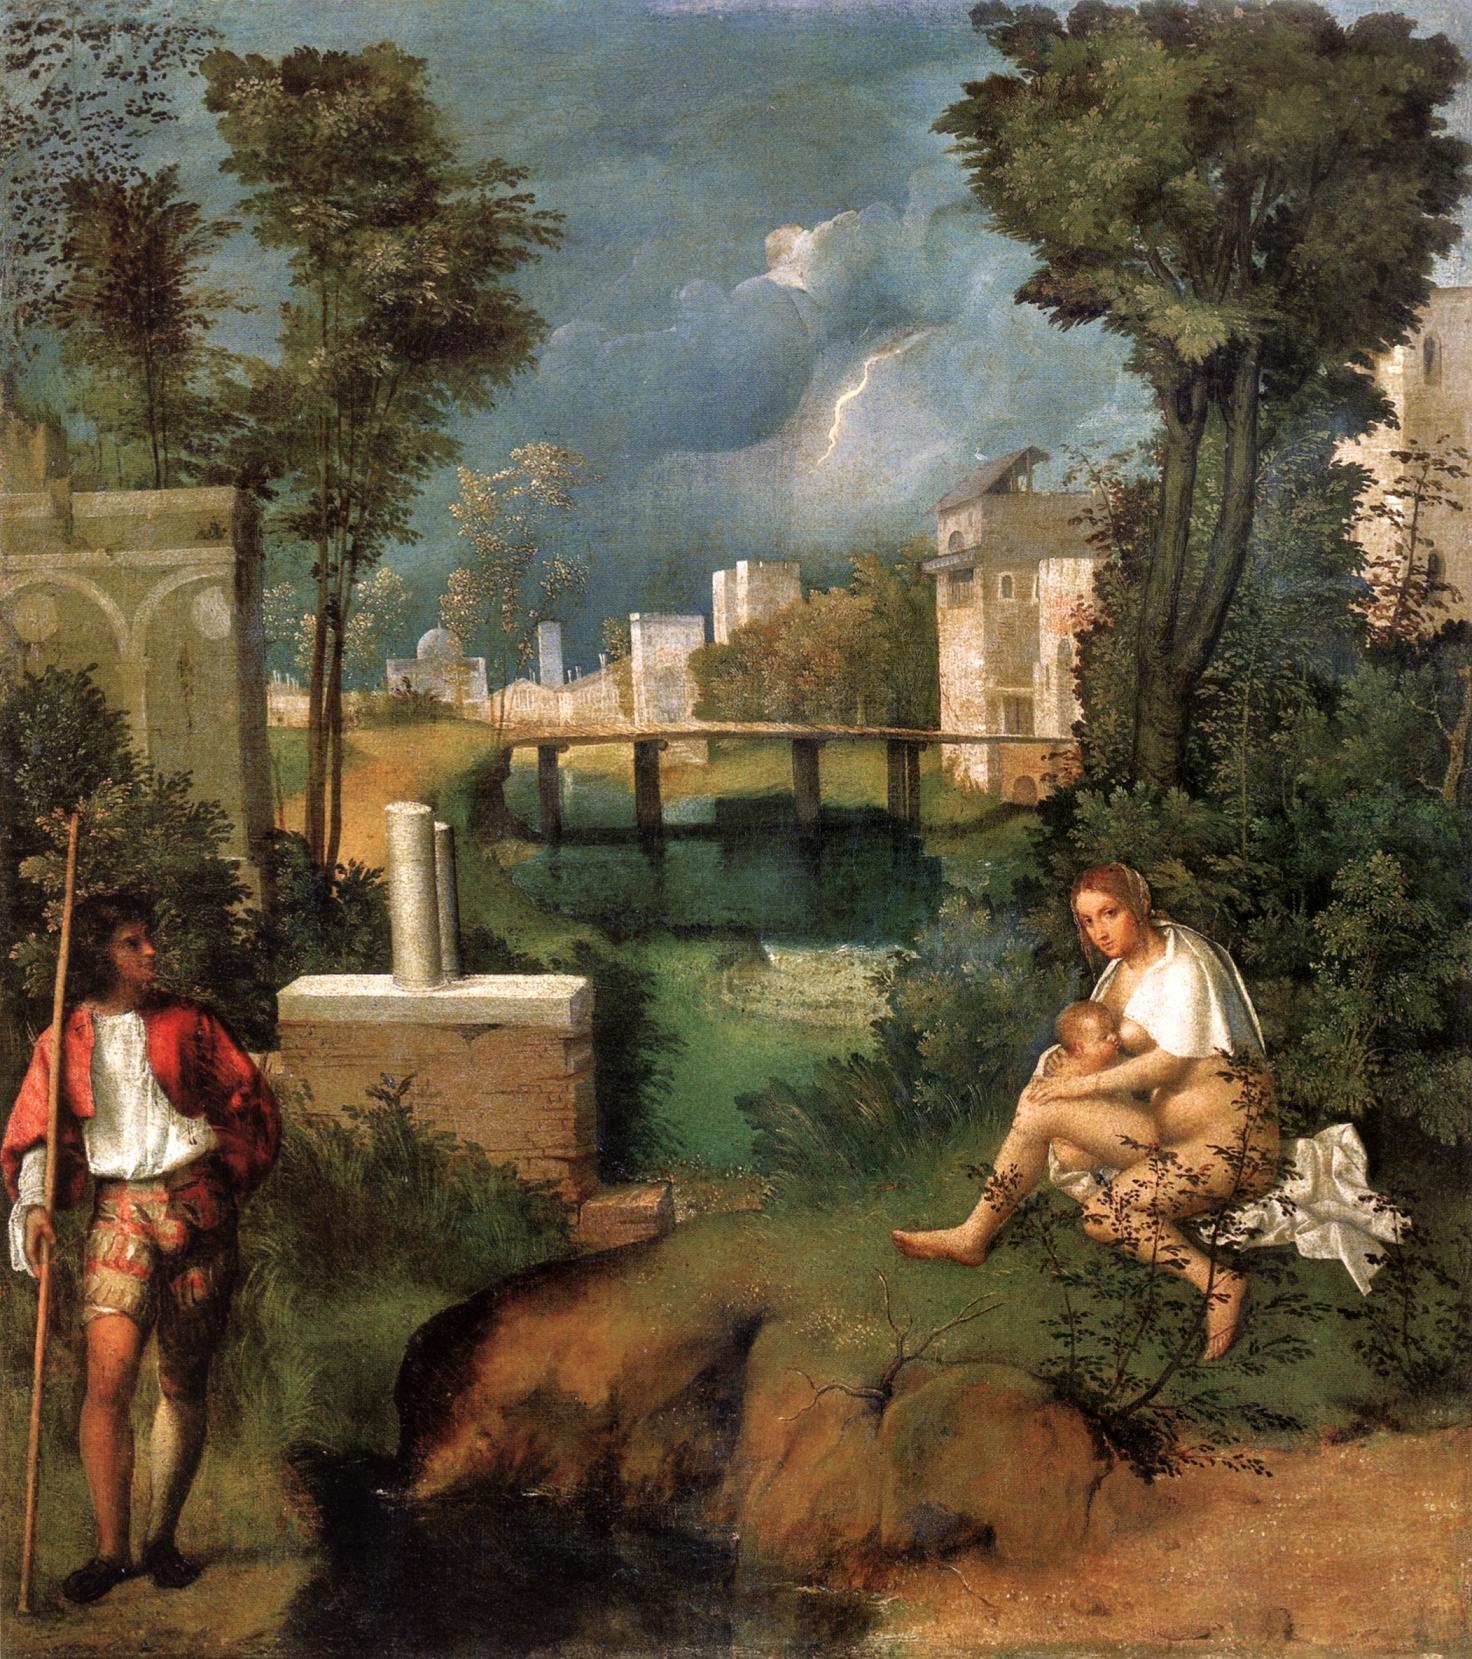 2013-10-16-Giorgione_019.jpg